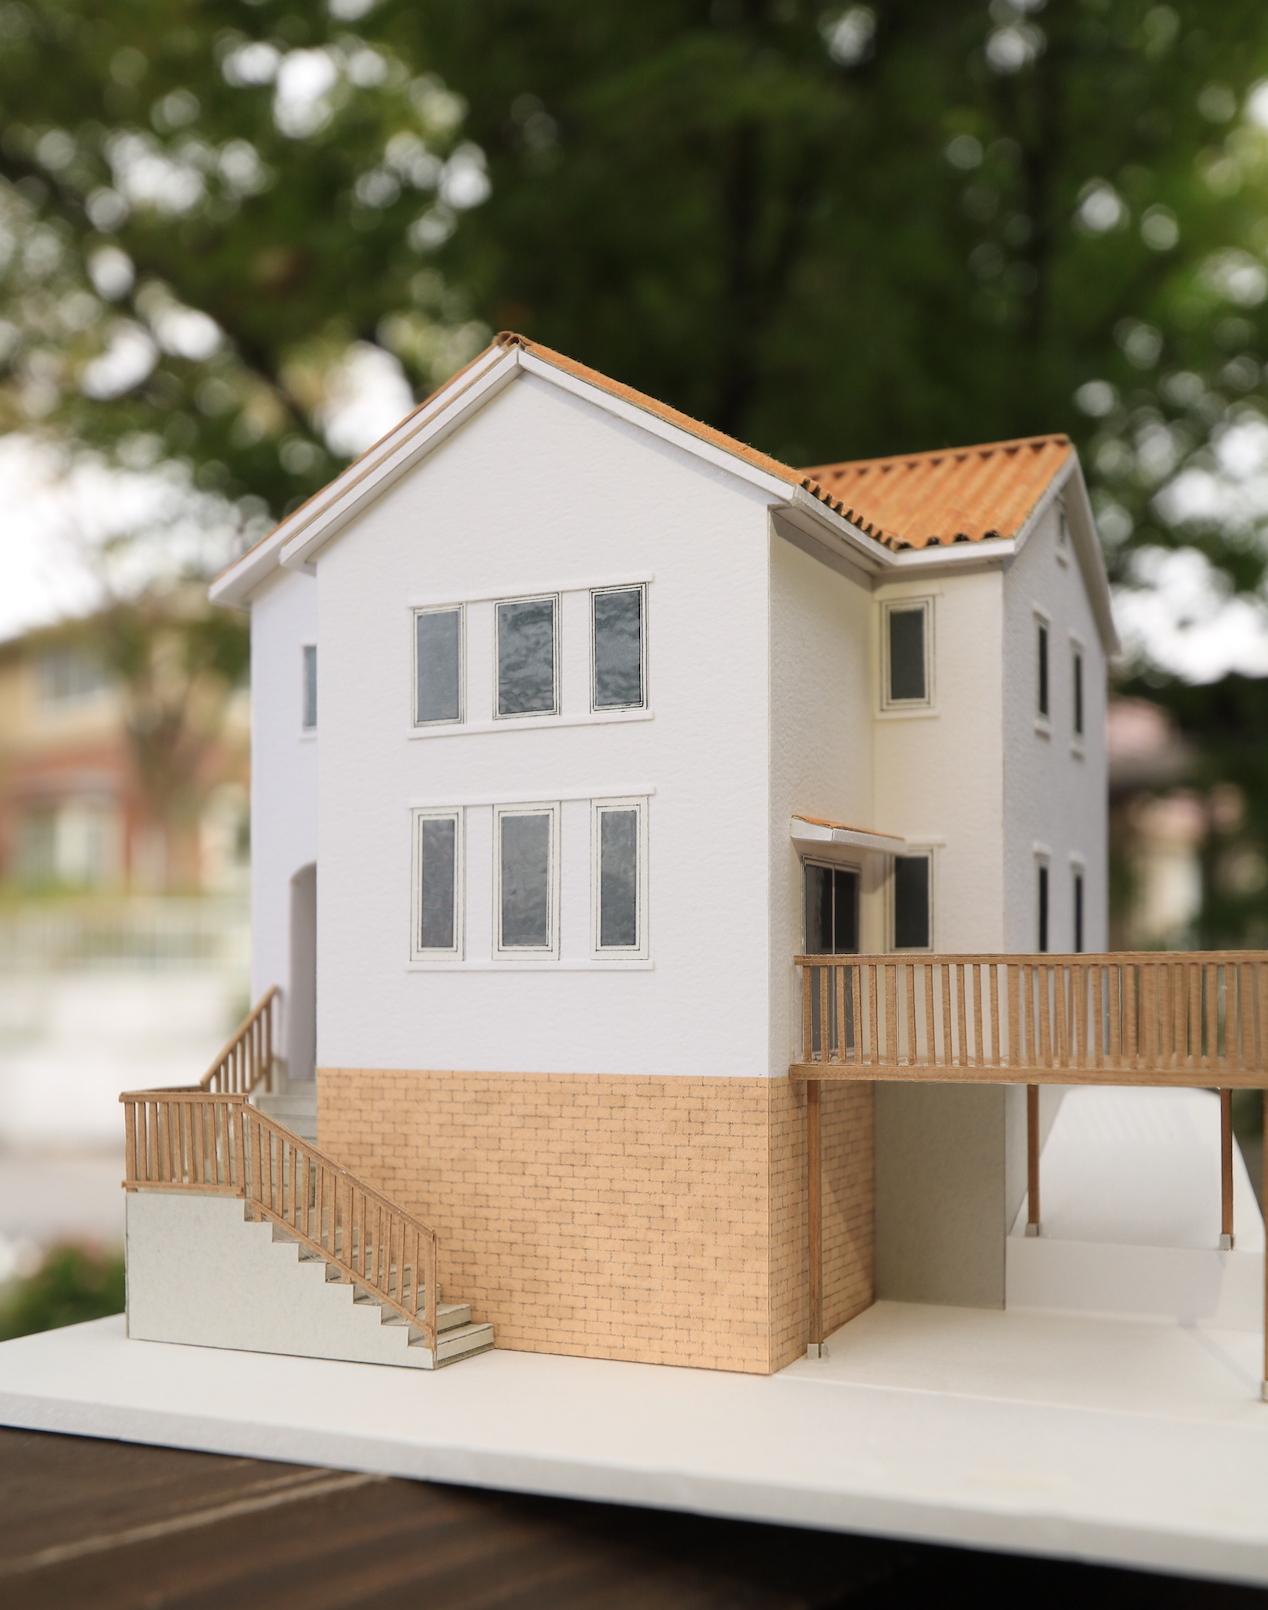 オレンジS瓦屋根に白い外壁。高低差のある土地を活かした可愛いお家。